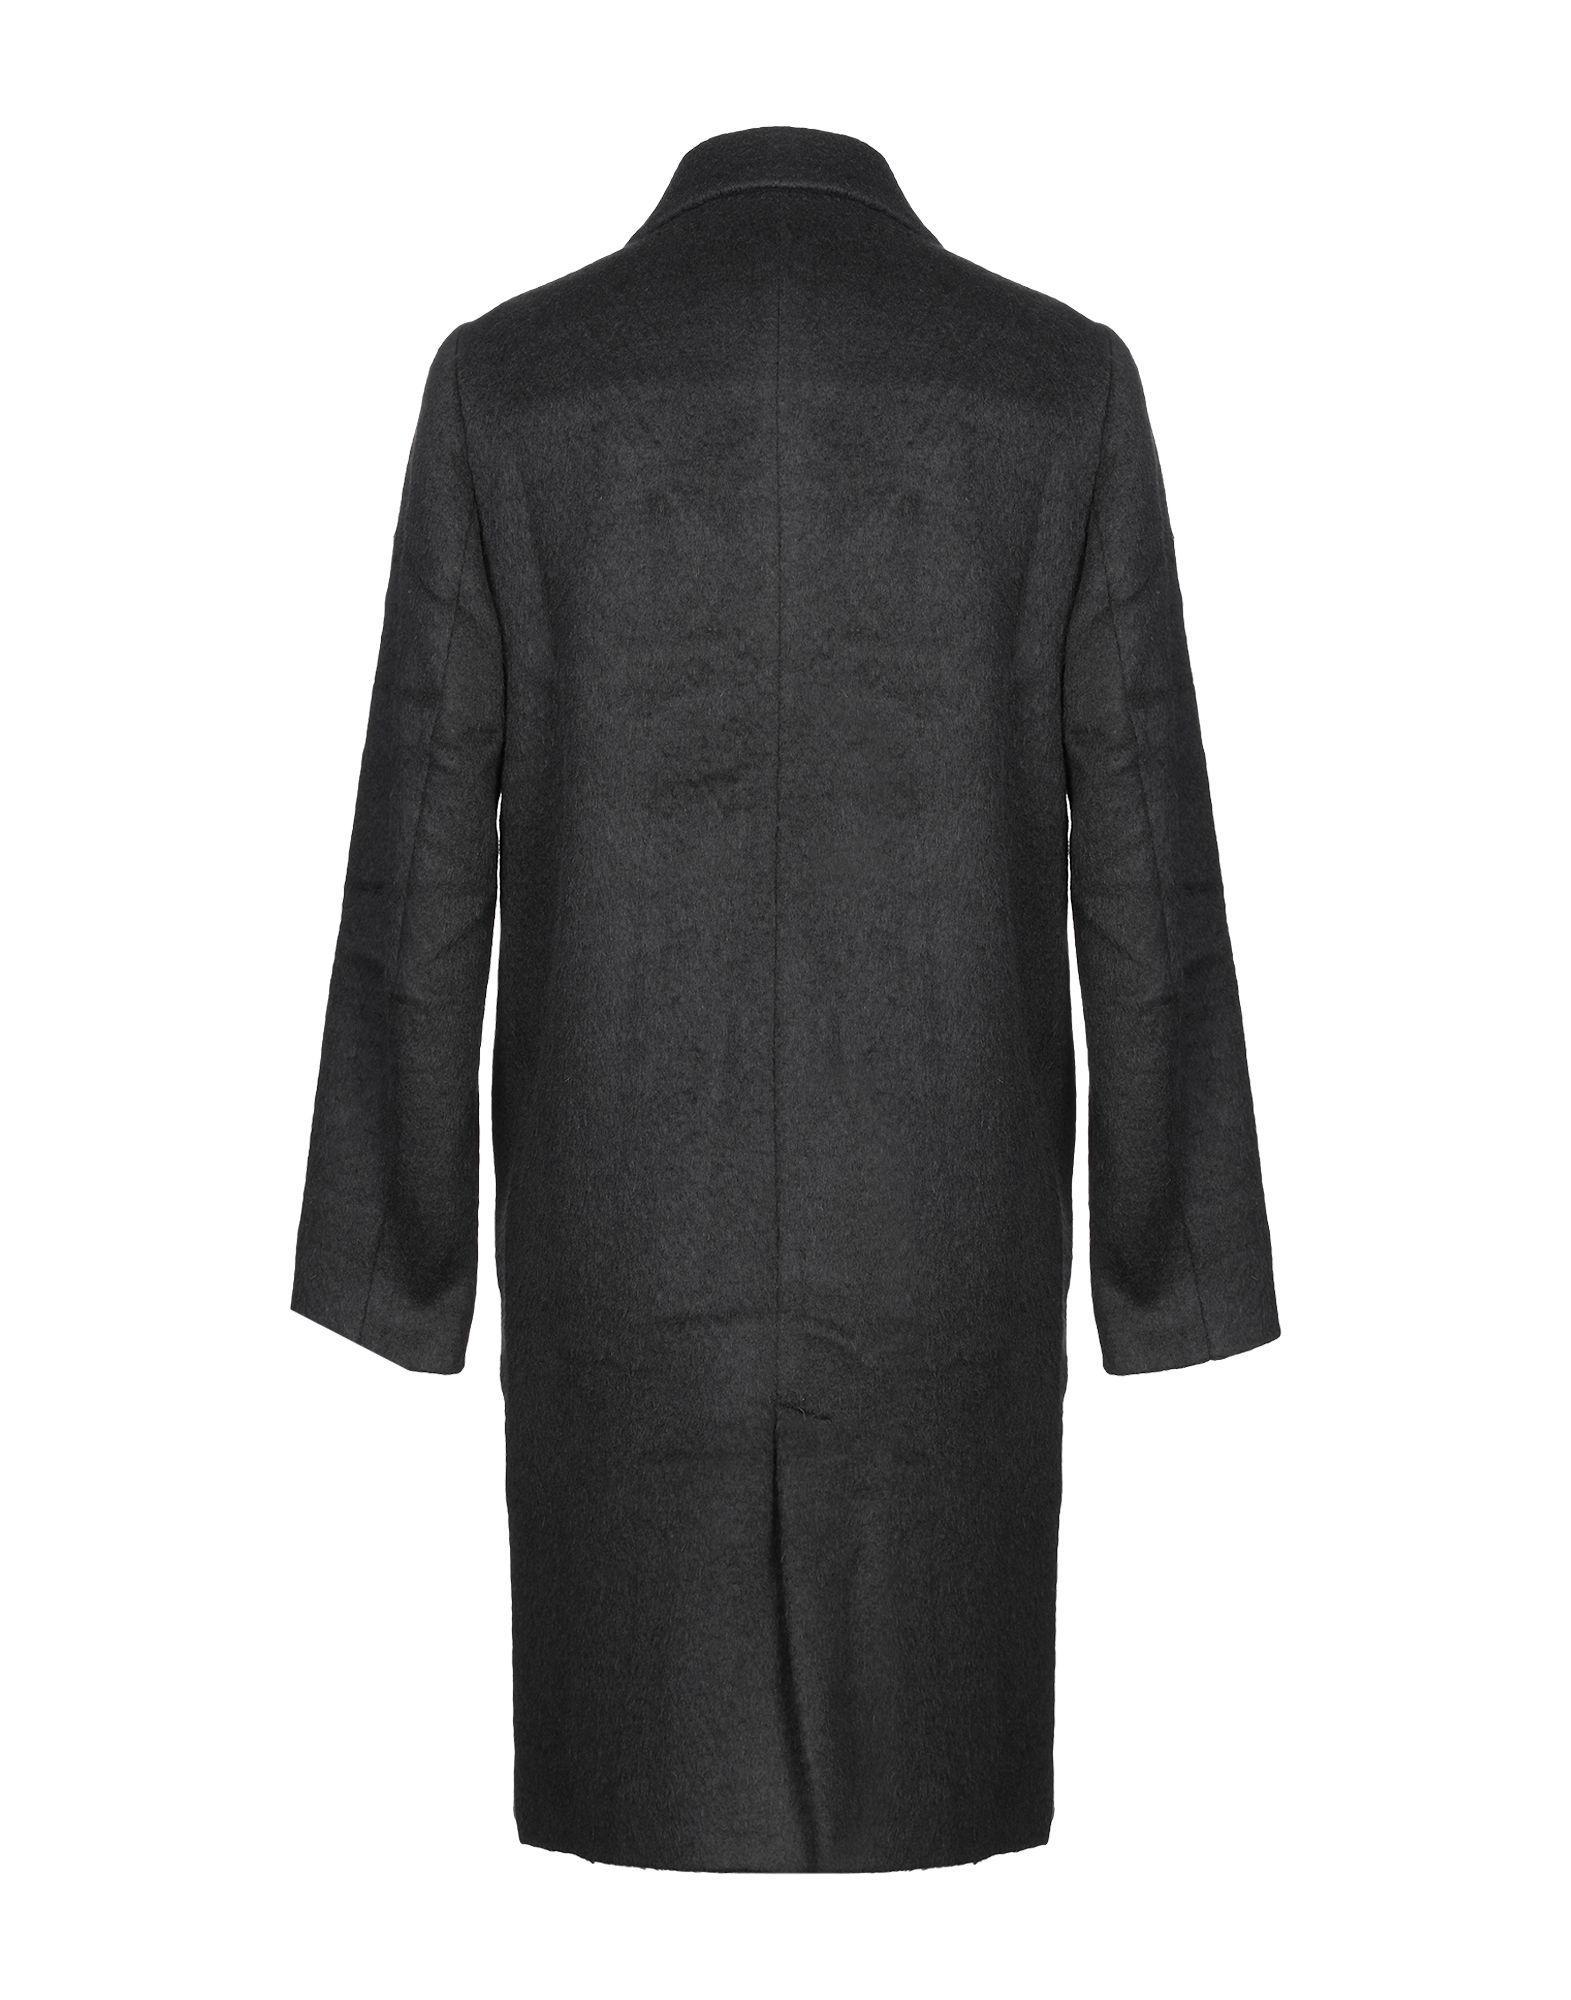 Manteau long Synthétique Libertine-Libertine pour homme en coloris Noir Yhtdi